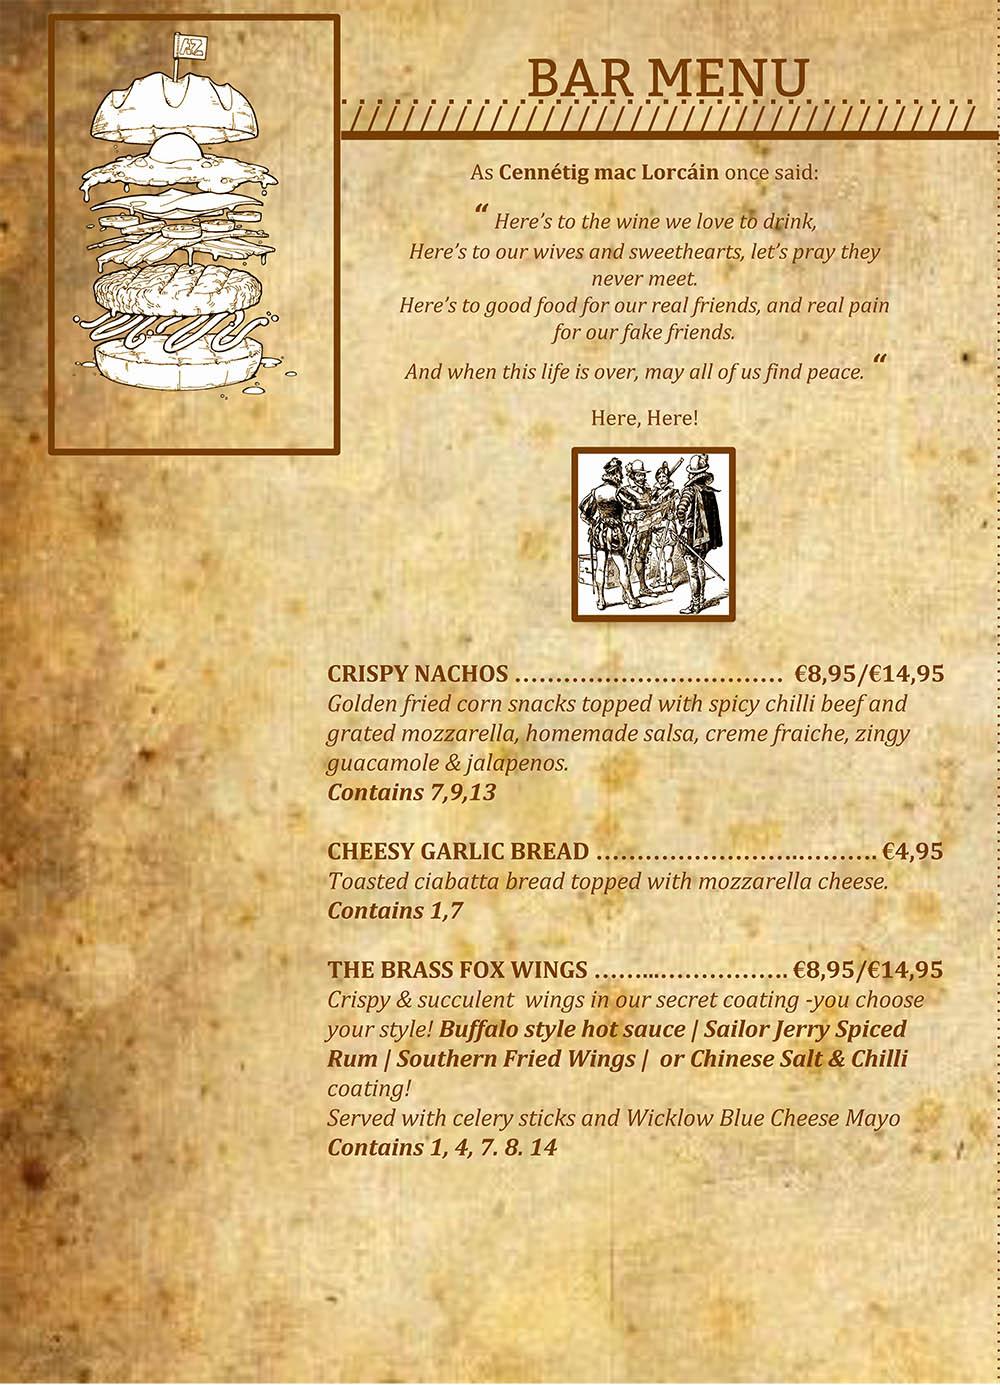 The Brass Fox, Tallaght - Evening Bar Menu